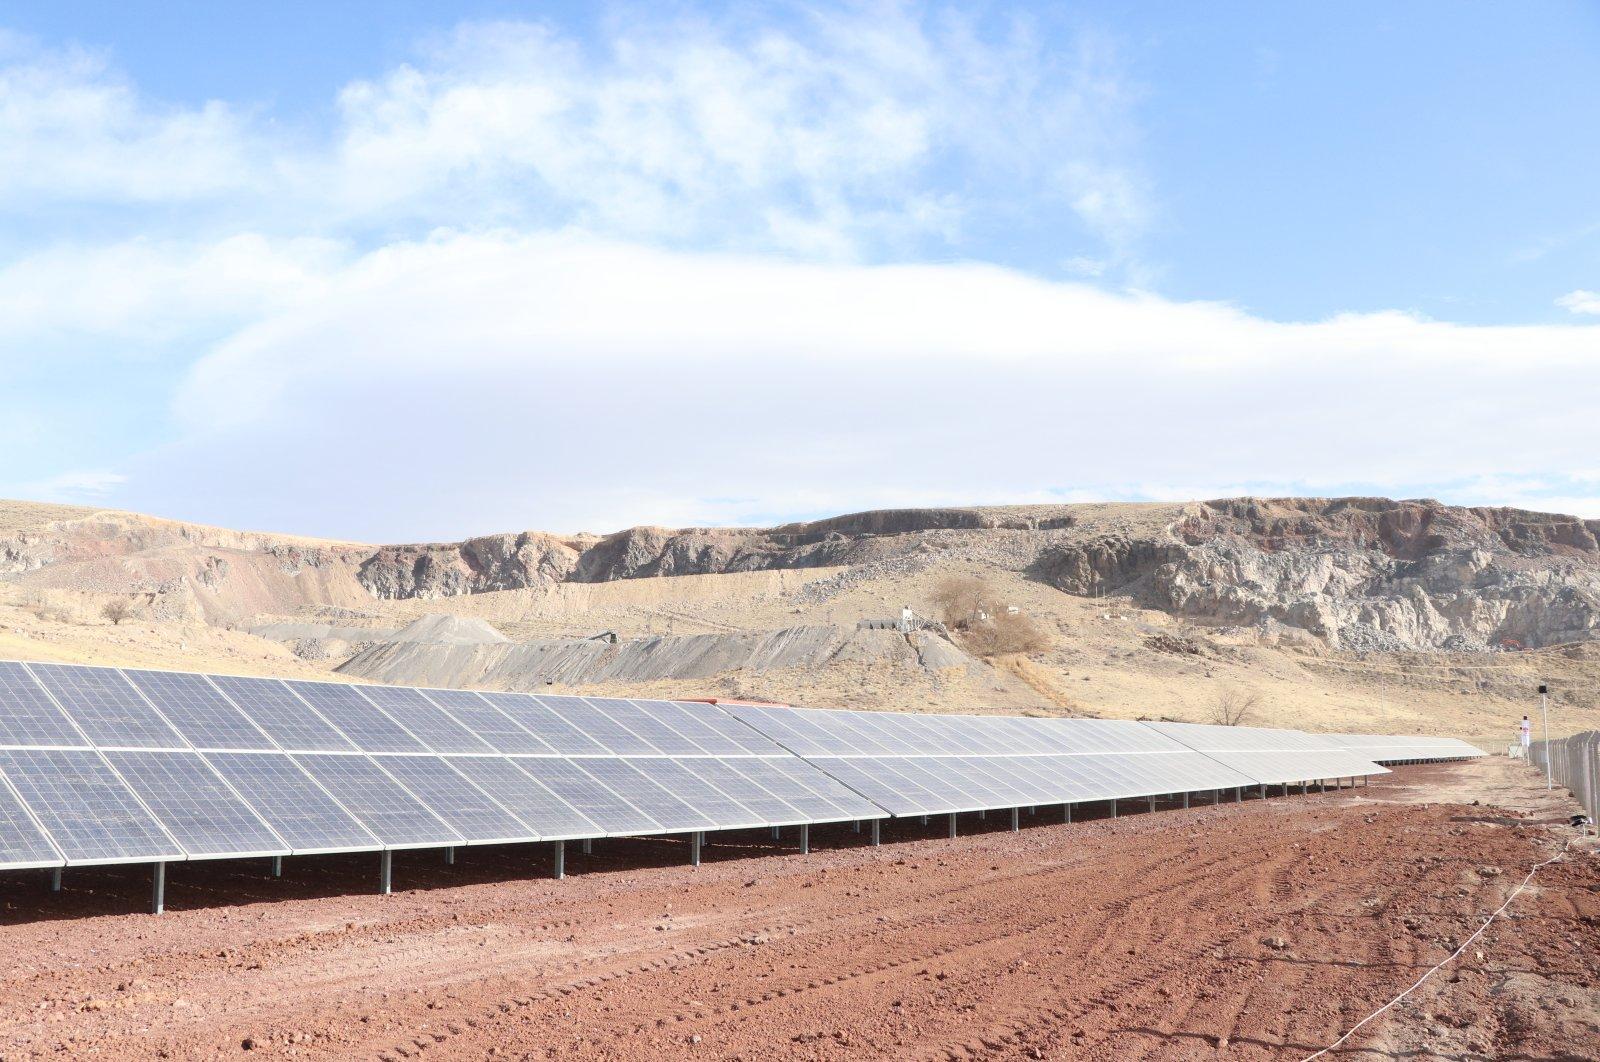 A solar energy facility in Niğde province, central Turkey, Jan. 11, 2021. (AA Photo)